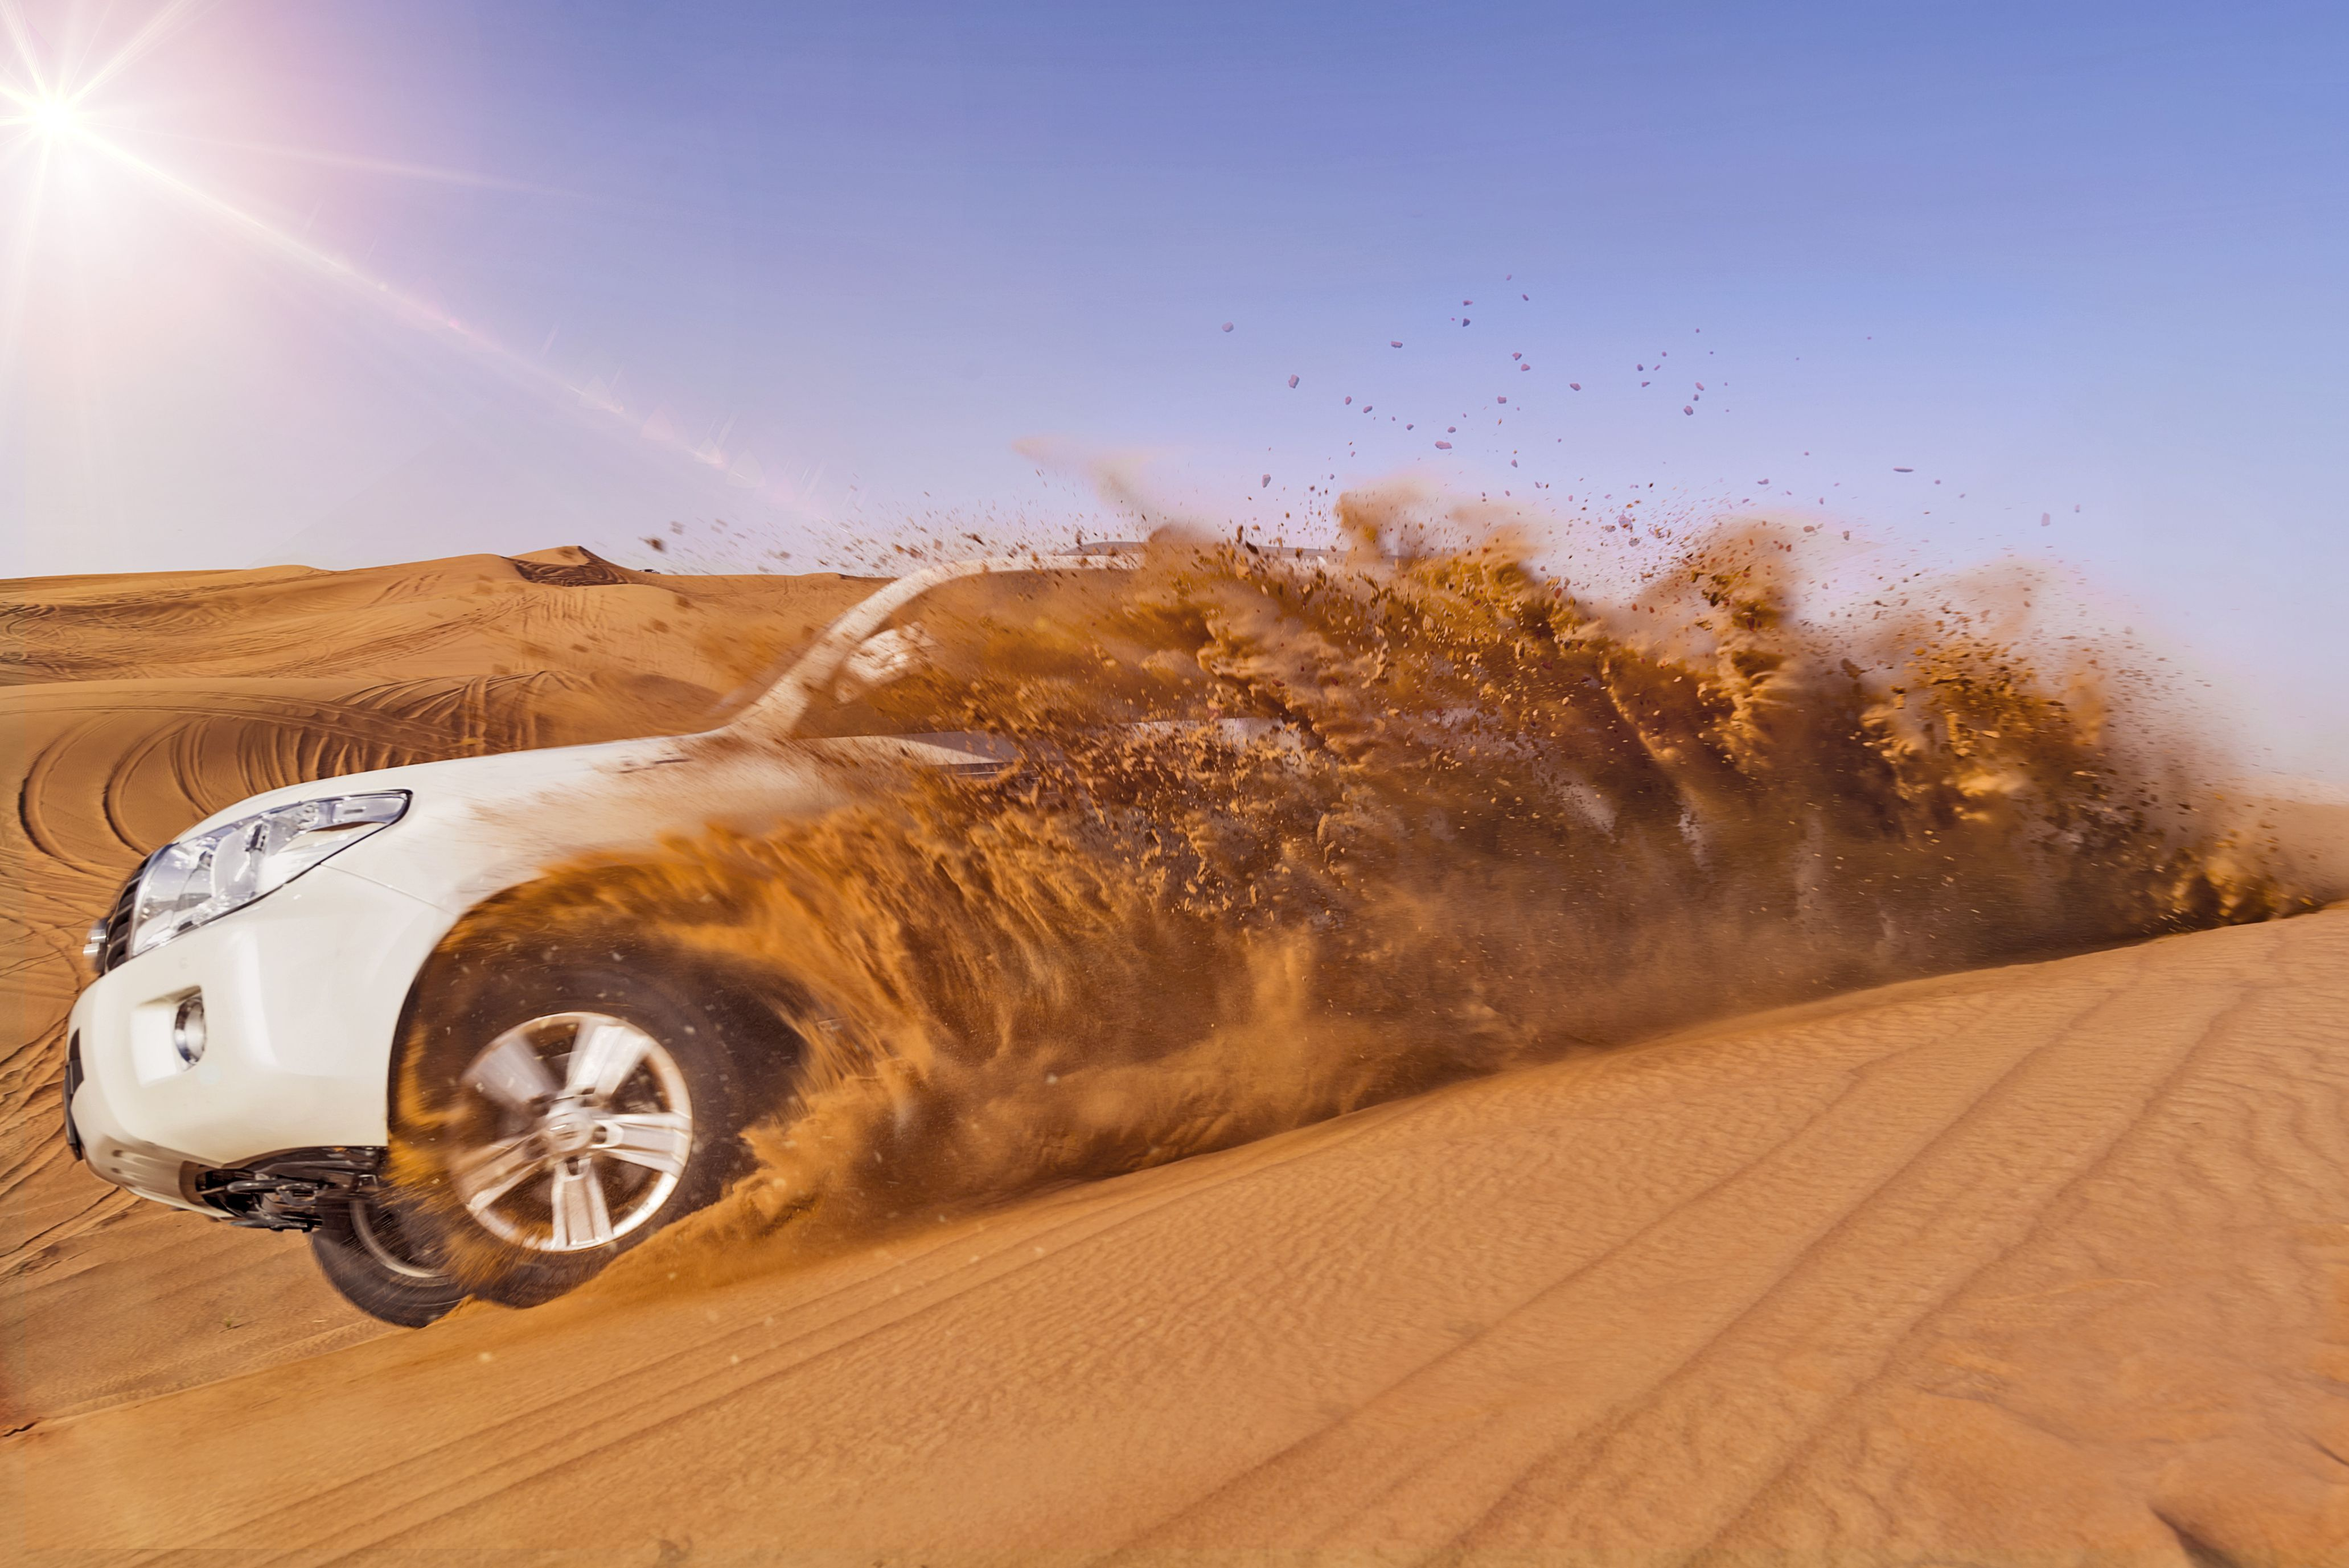 desert-dune-bashing